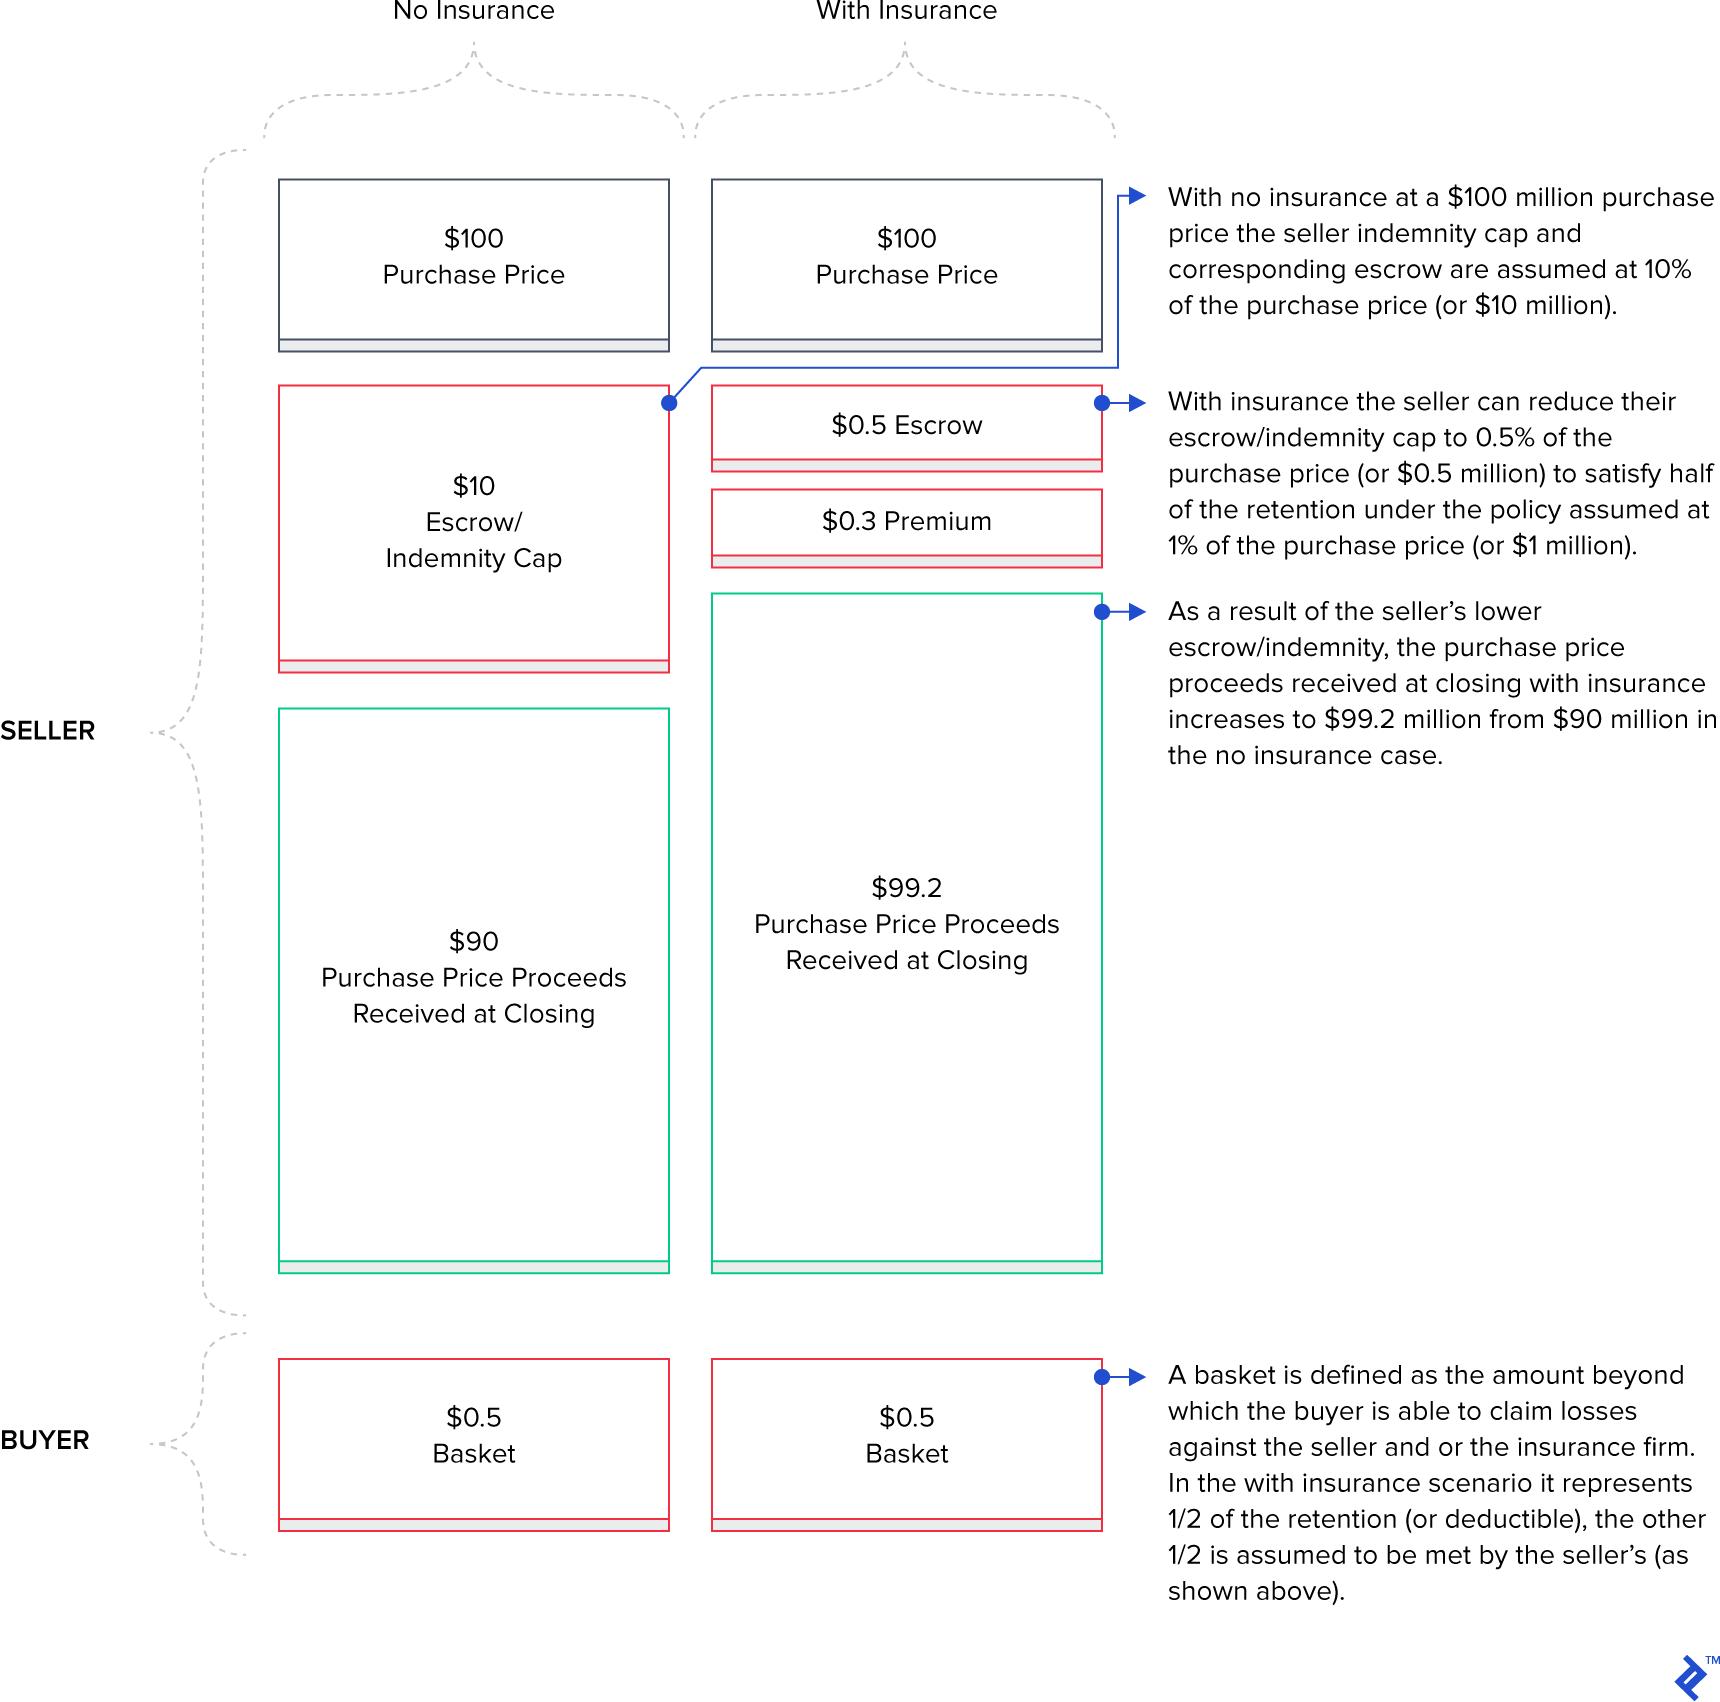 Diagram of reps and warranties insurance scenarios